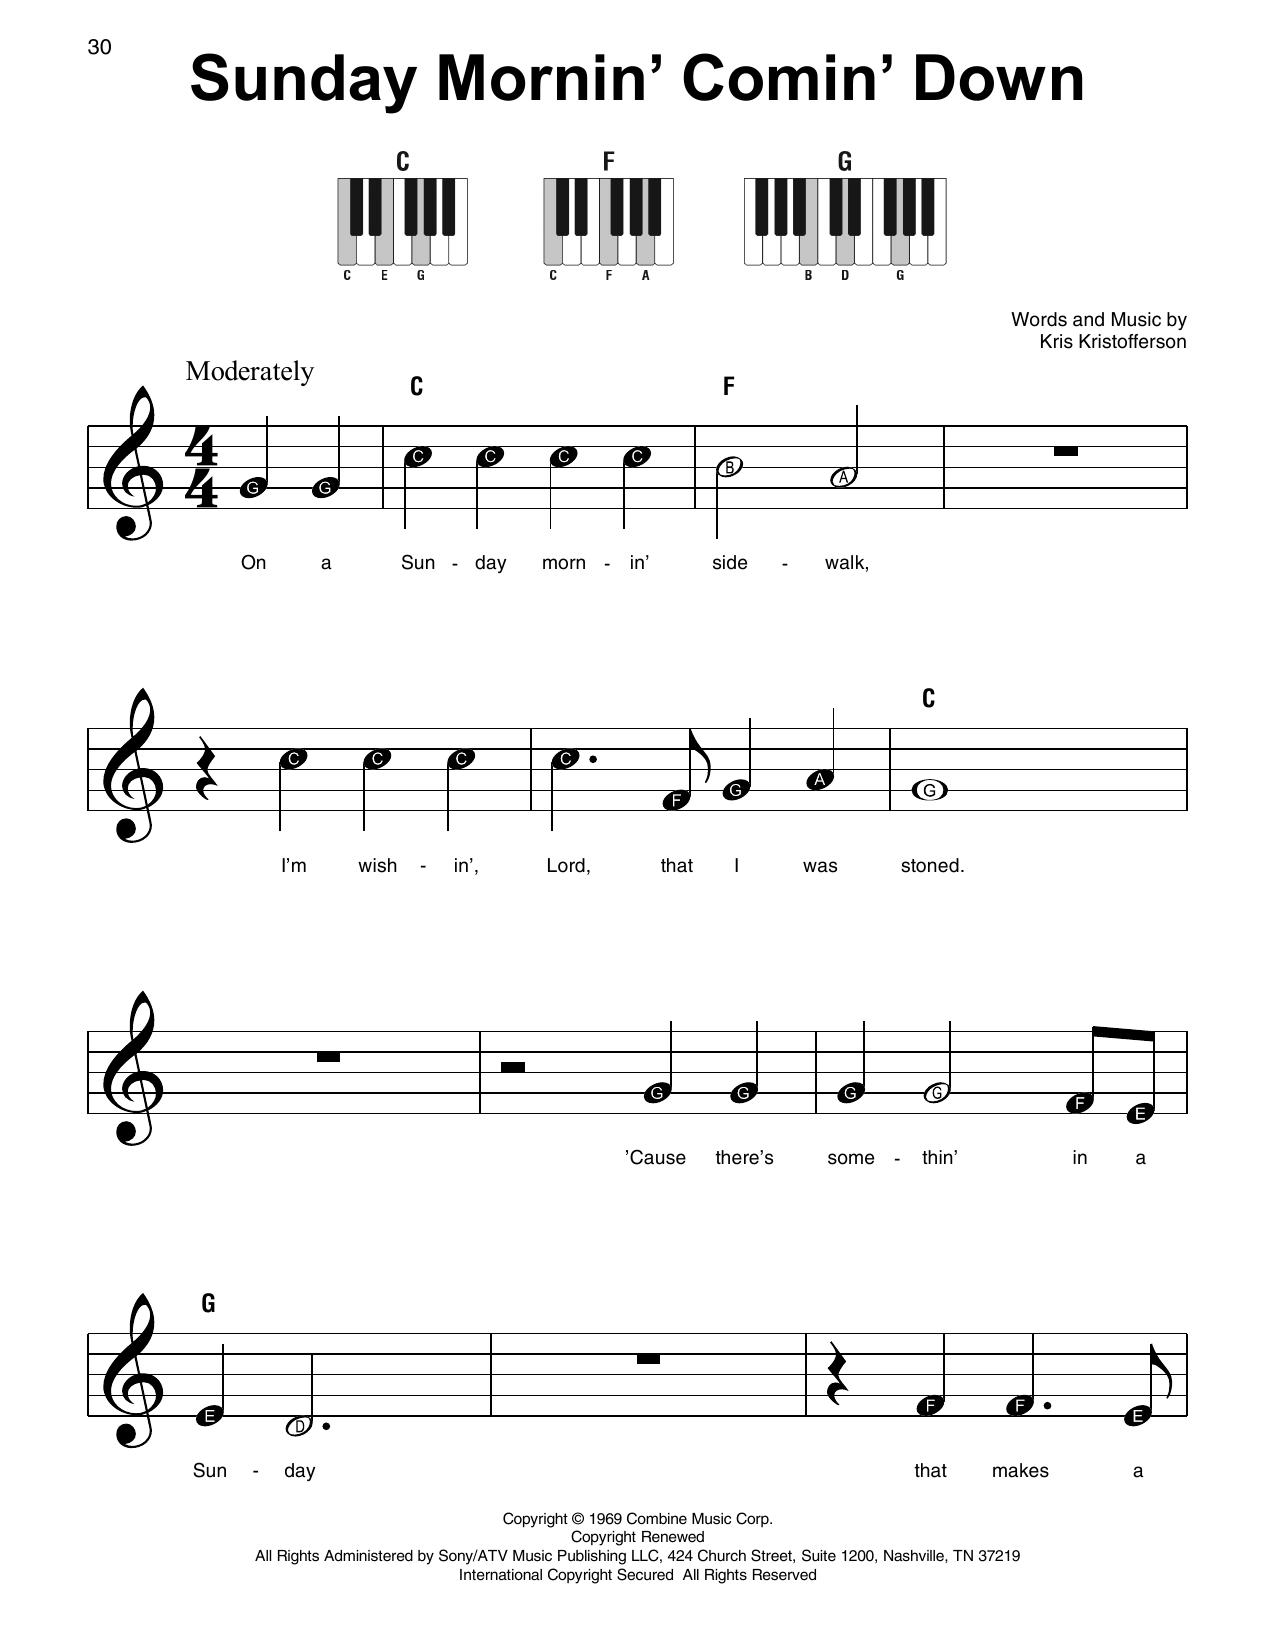 Sunday Mornin' Comin' Down (Super Easy Piano)